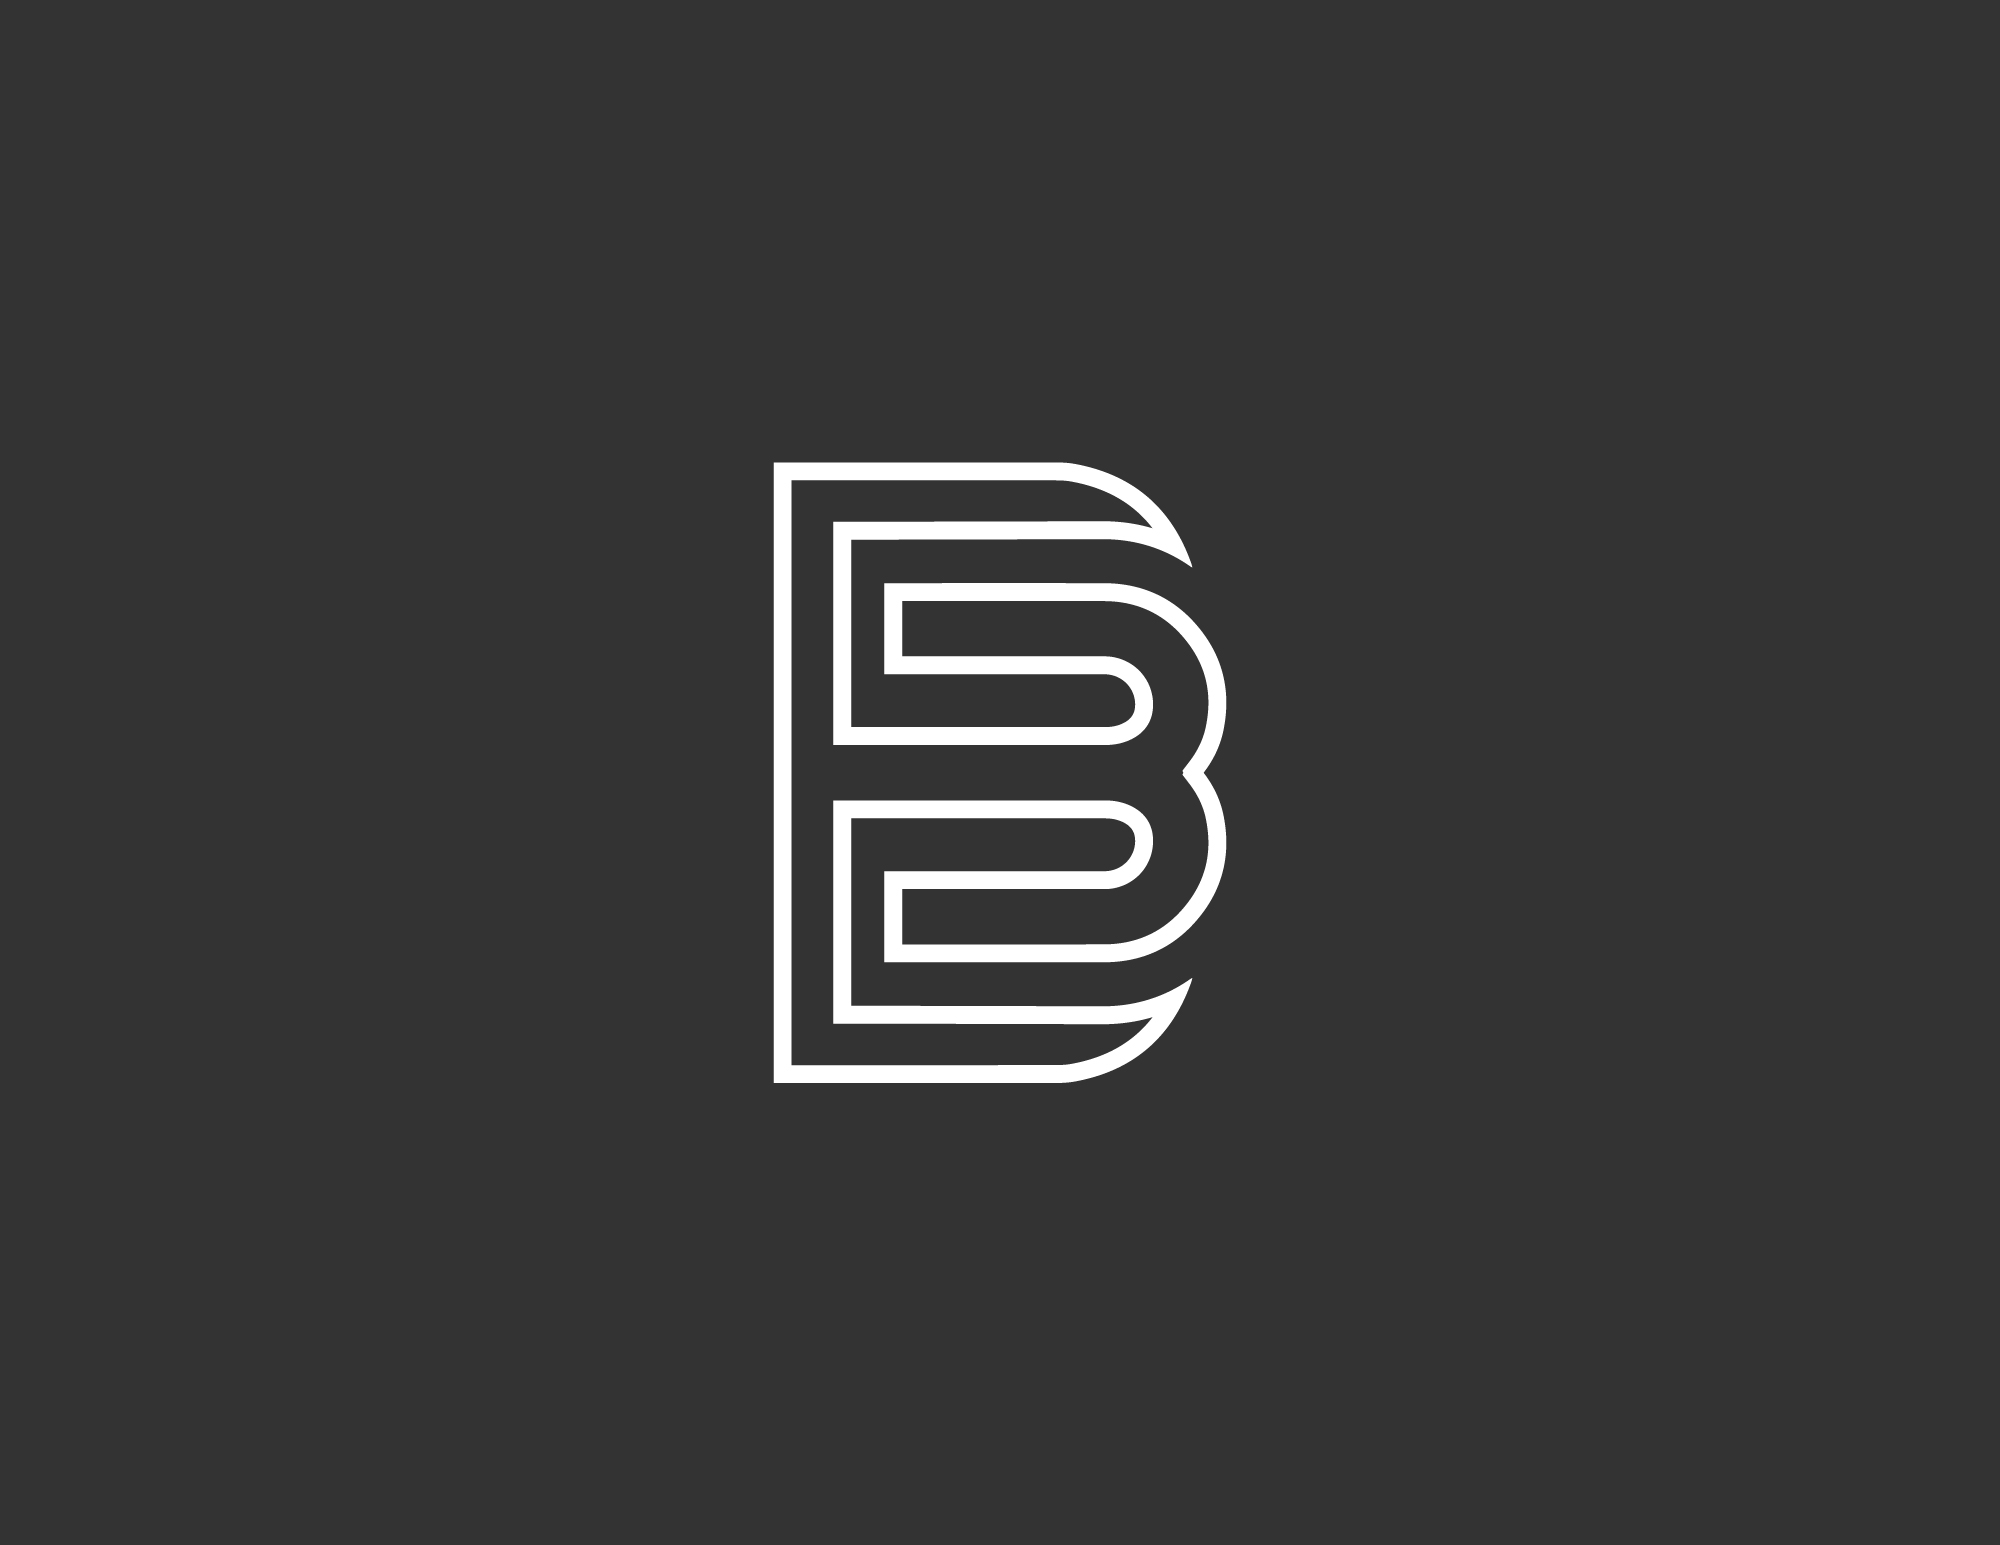 BBB_2.jpg